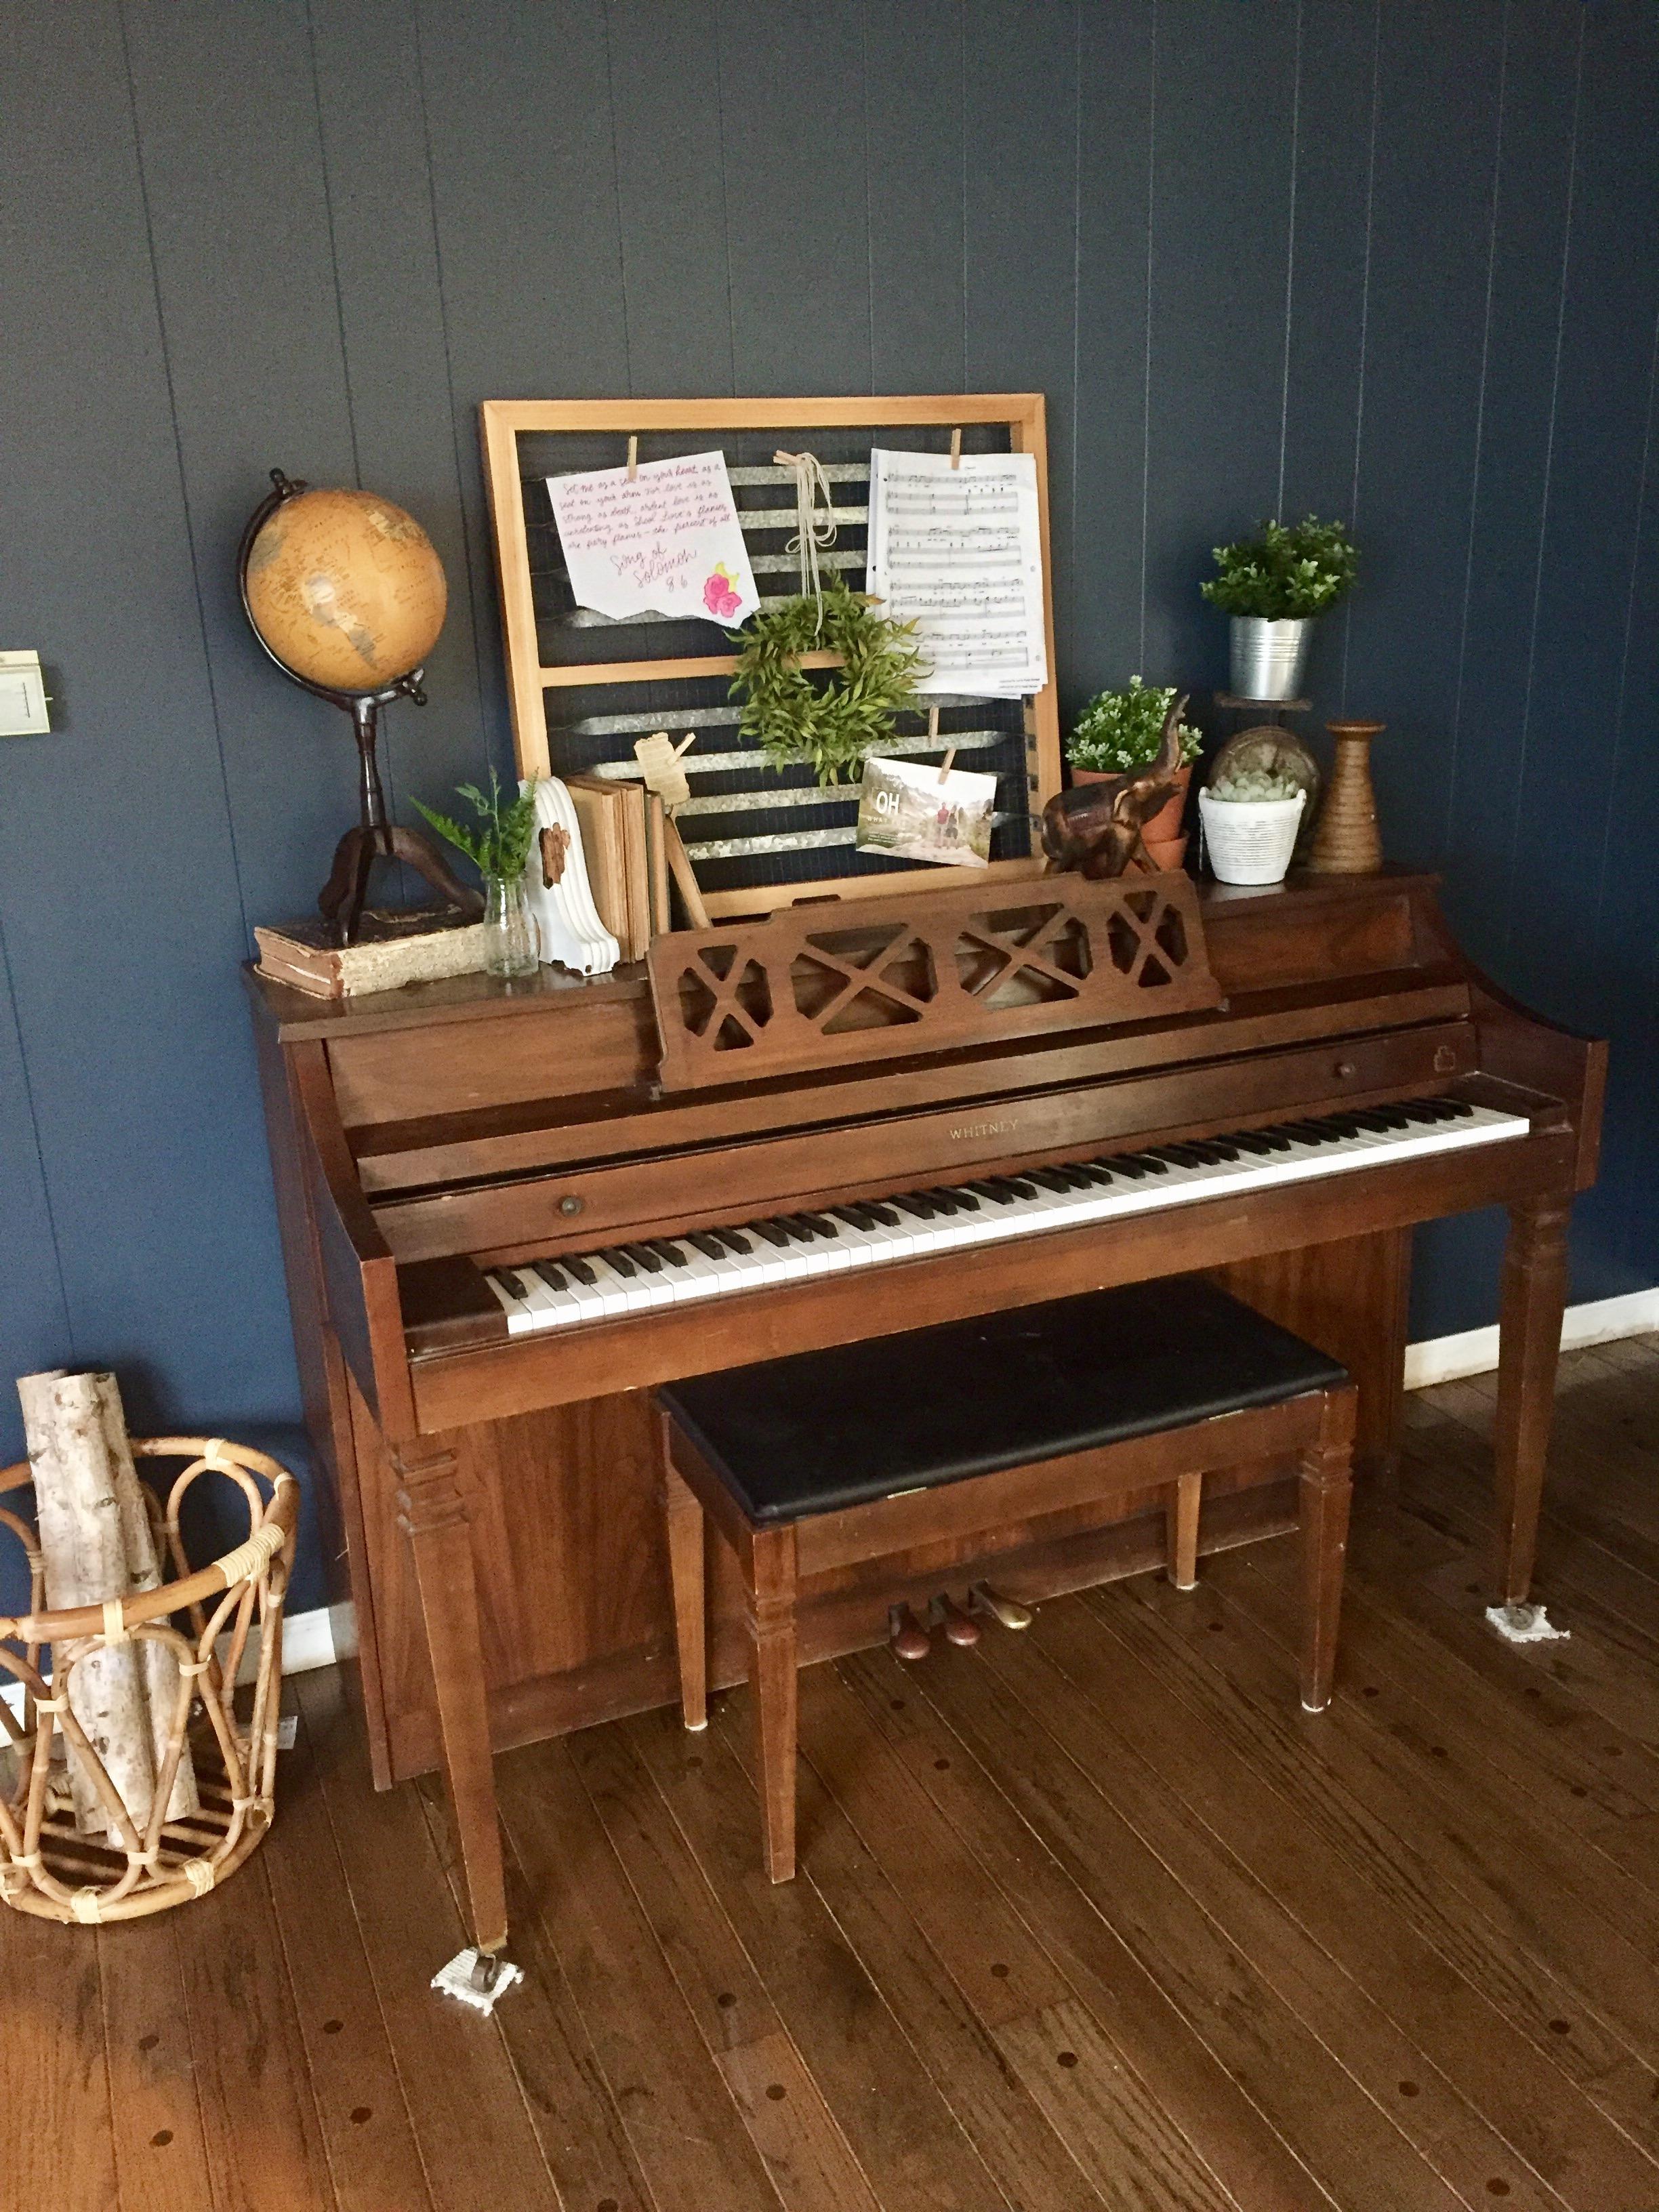 magnolia-home-memo-board